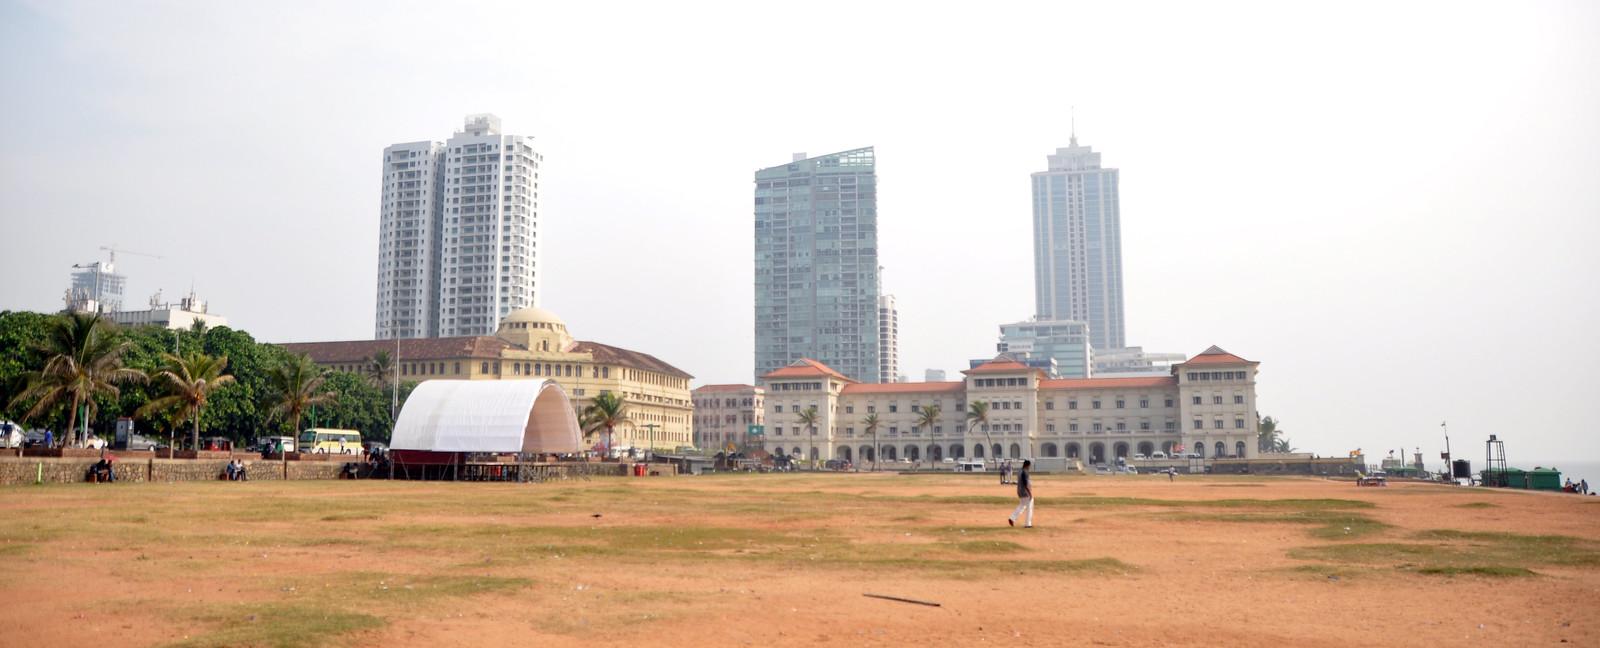 Qué ver en Colombo en un día, Sri Lanka qué ver en colombo en un día - 46988968822 74db78fa7d h - Qué ver en Colombo en un día